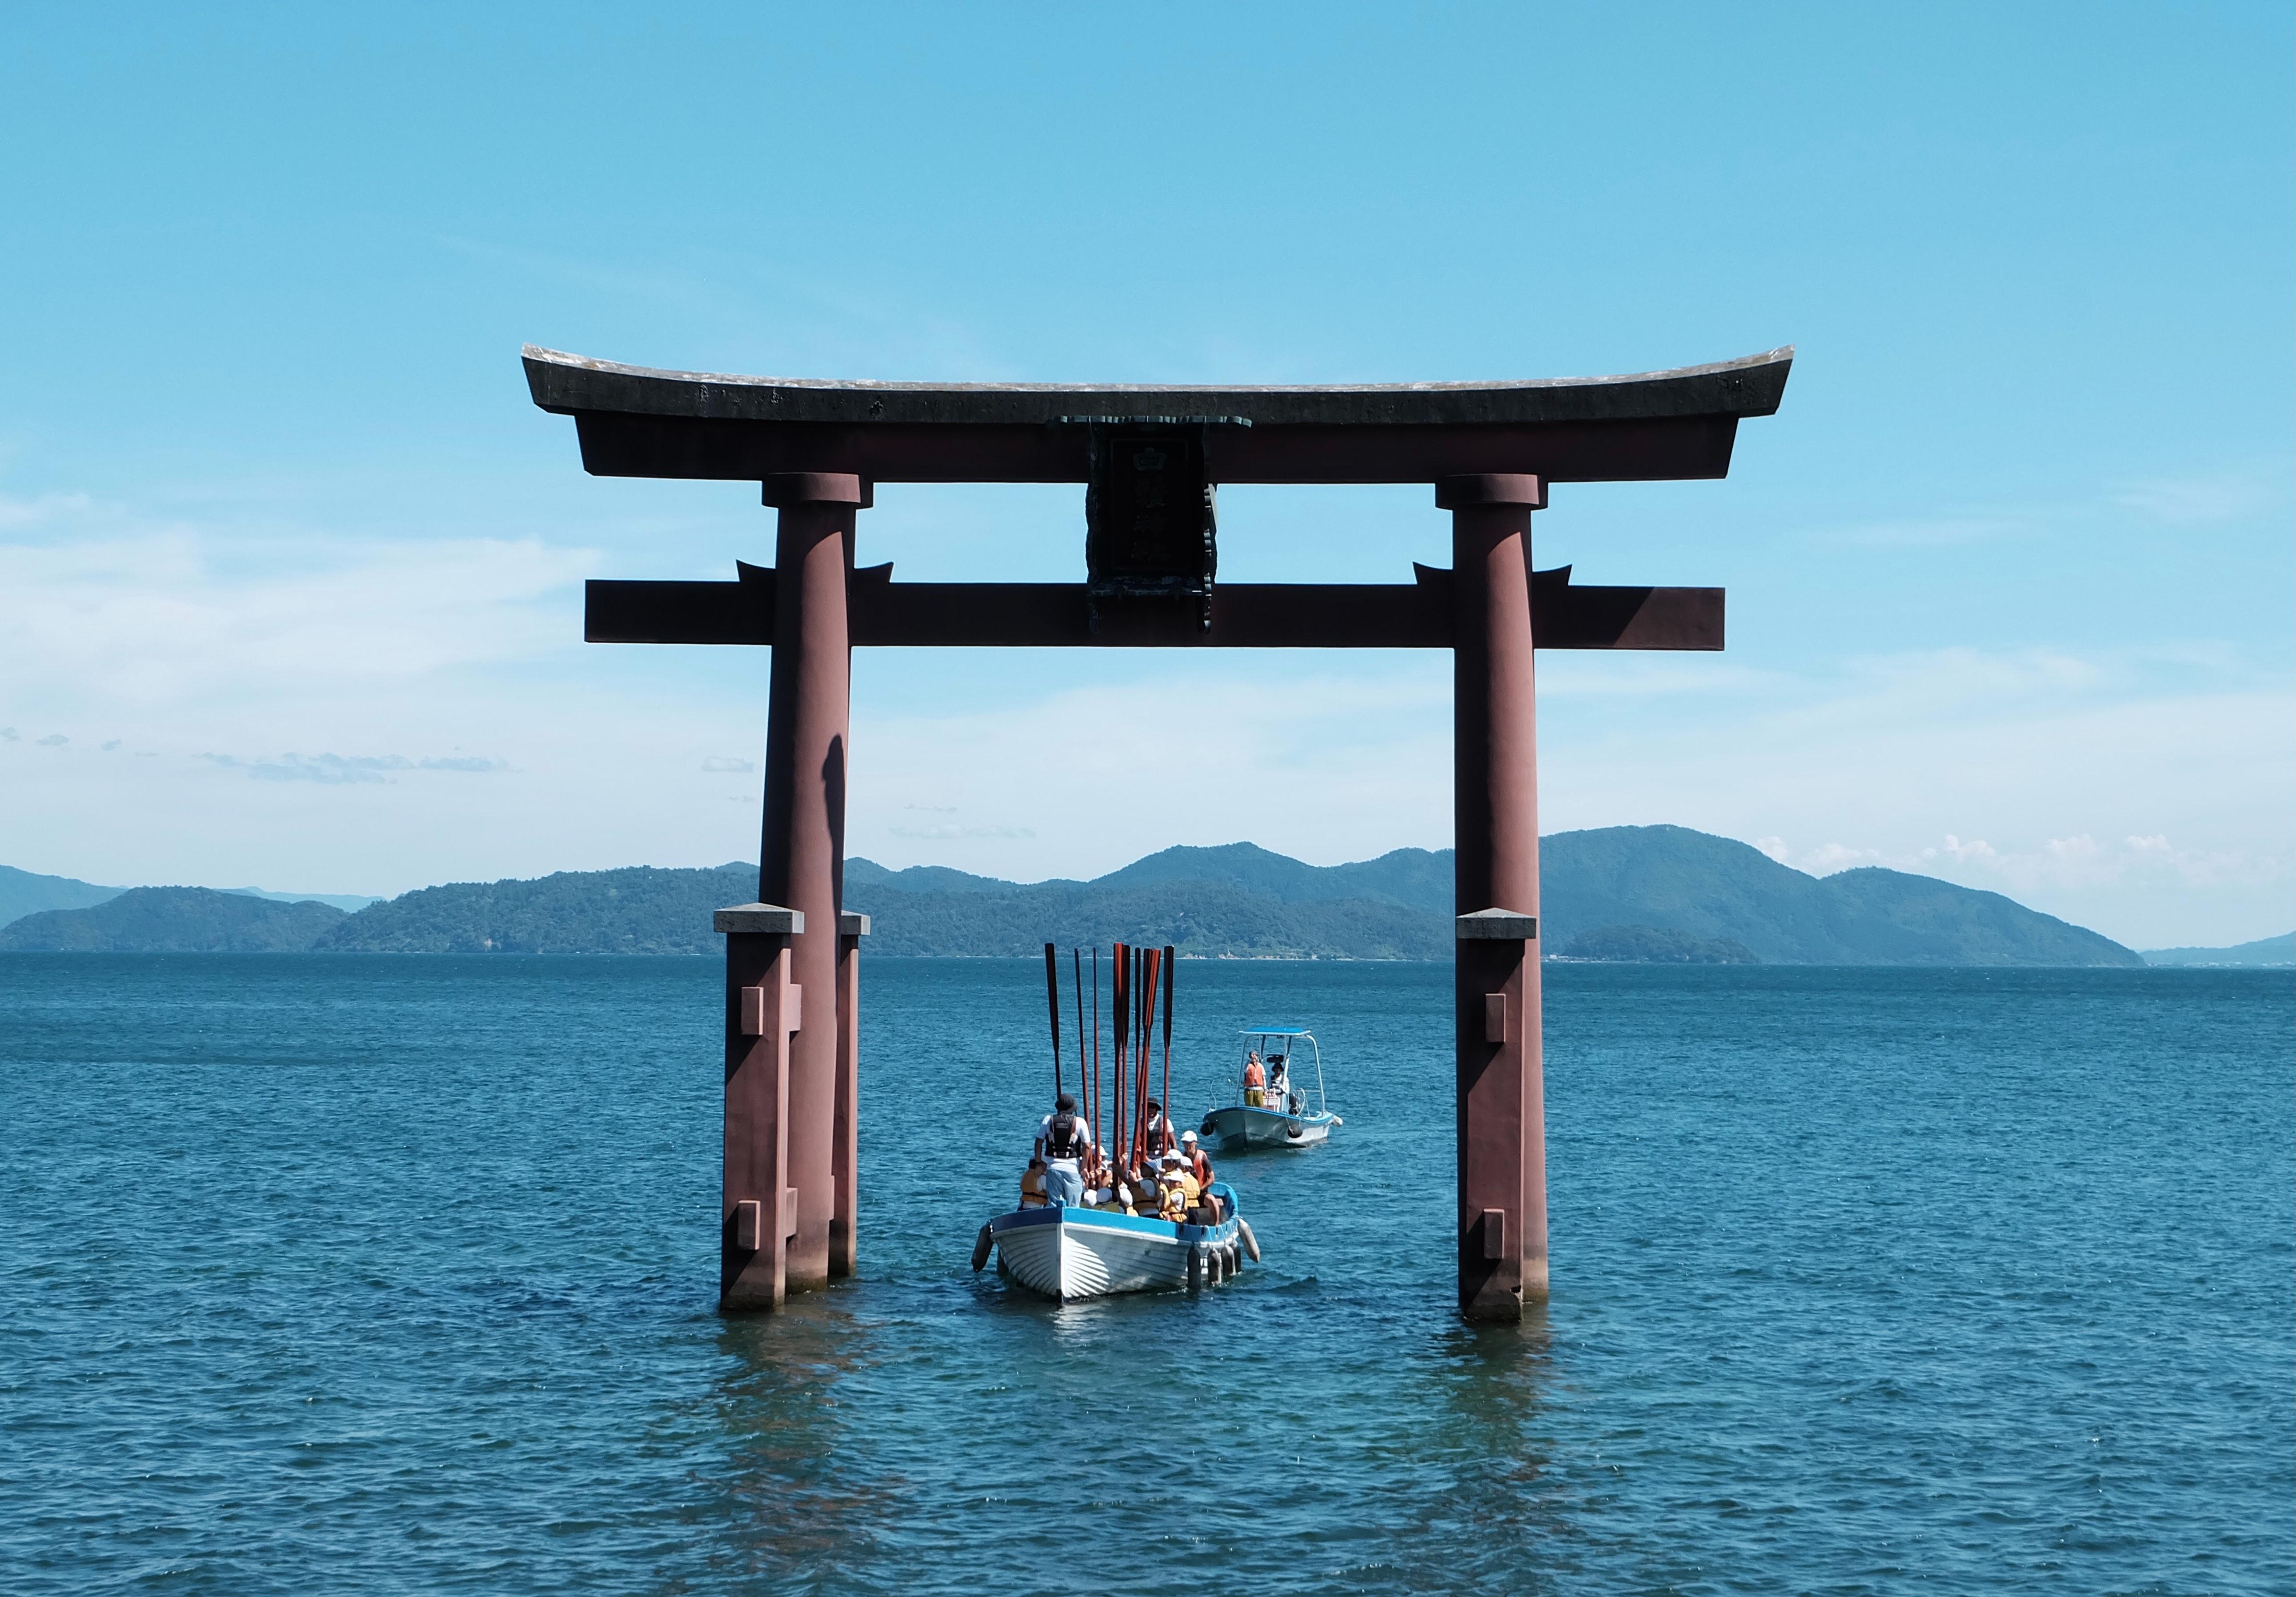 環境問題で私たちにできることは?滋賀県の事例に学ぶ、市民の力が琵琶湖を守った歴史的取り組み